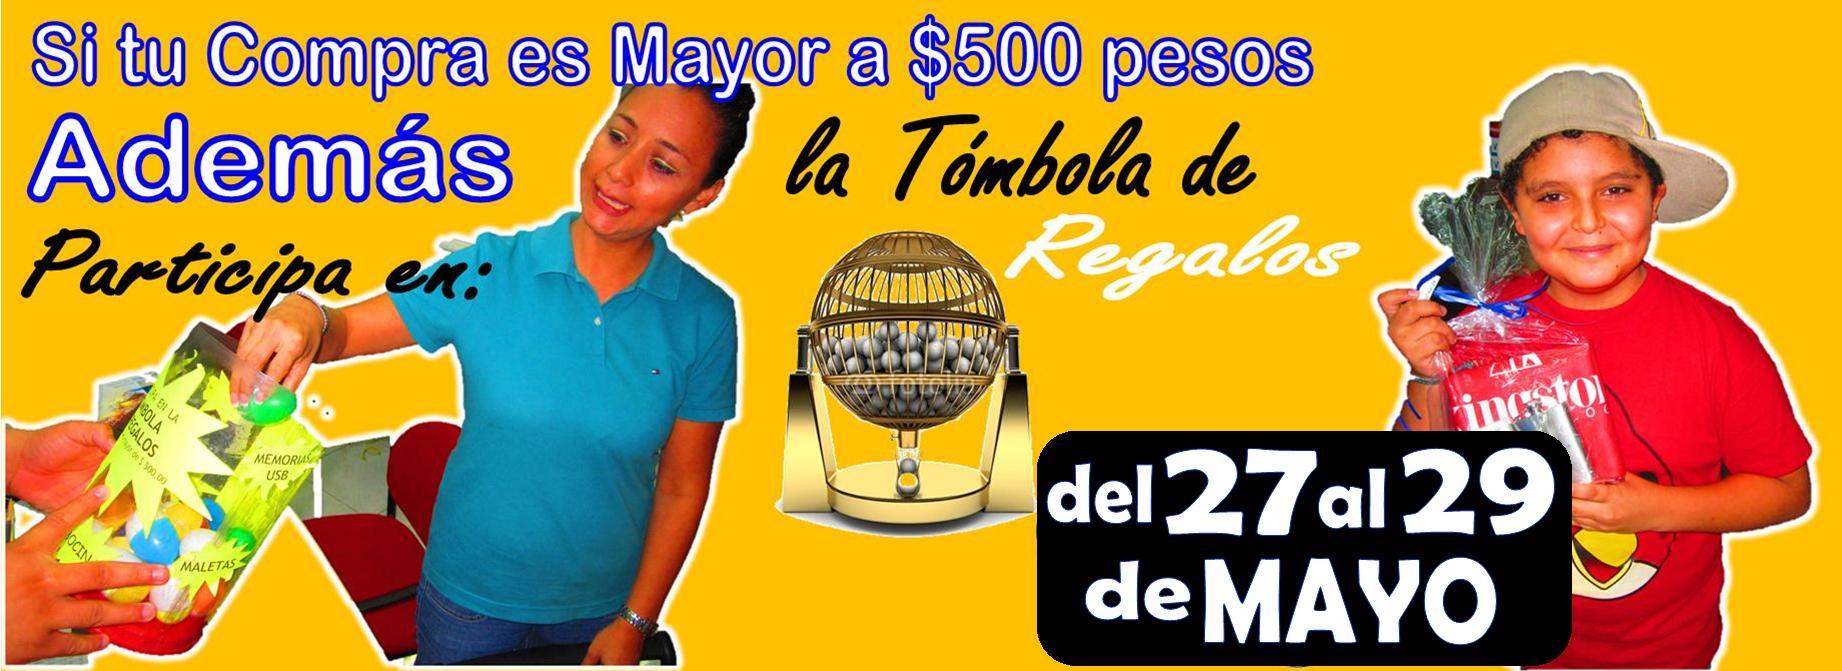 BANNER-TOMBOLA-DE-REGALOS-MAYO-2016